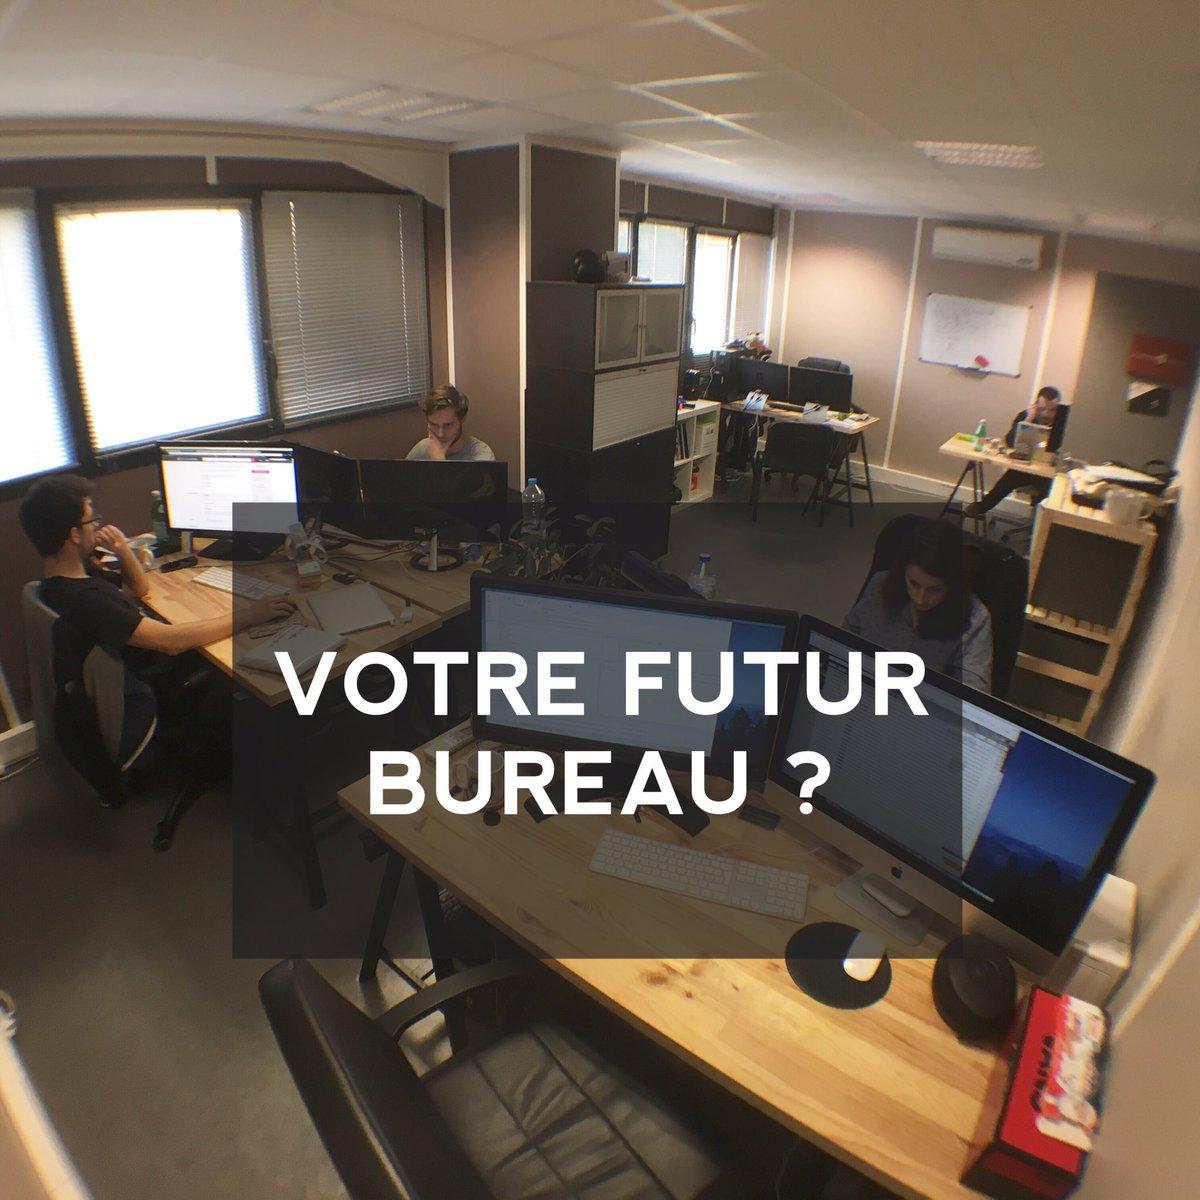 bureau-coworking-bordeaux